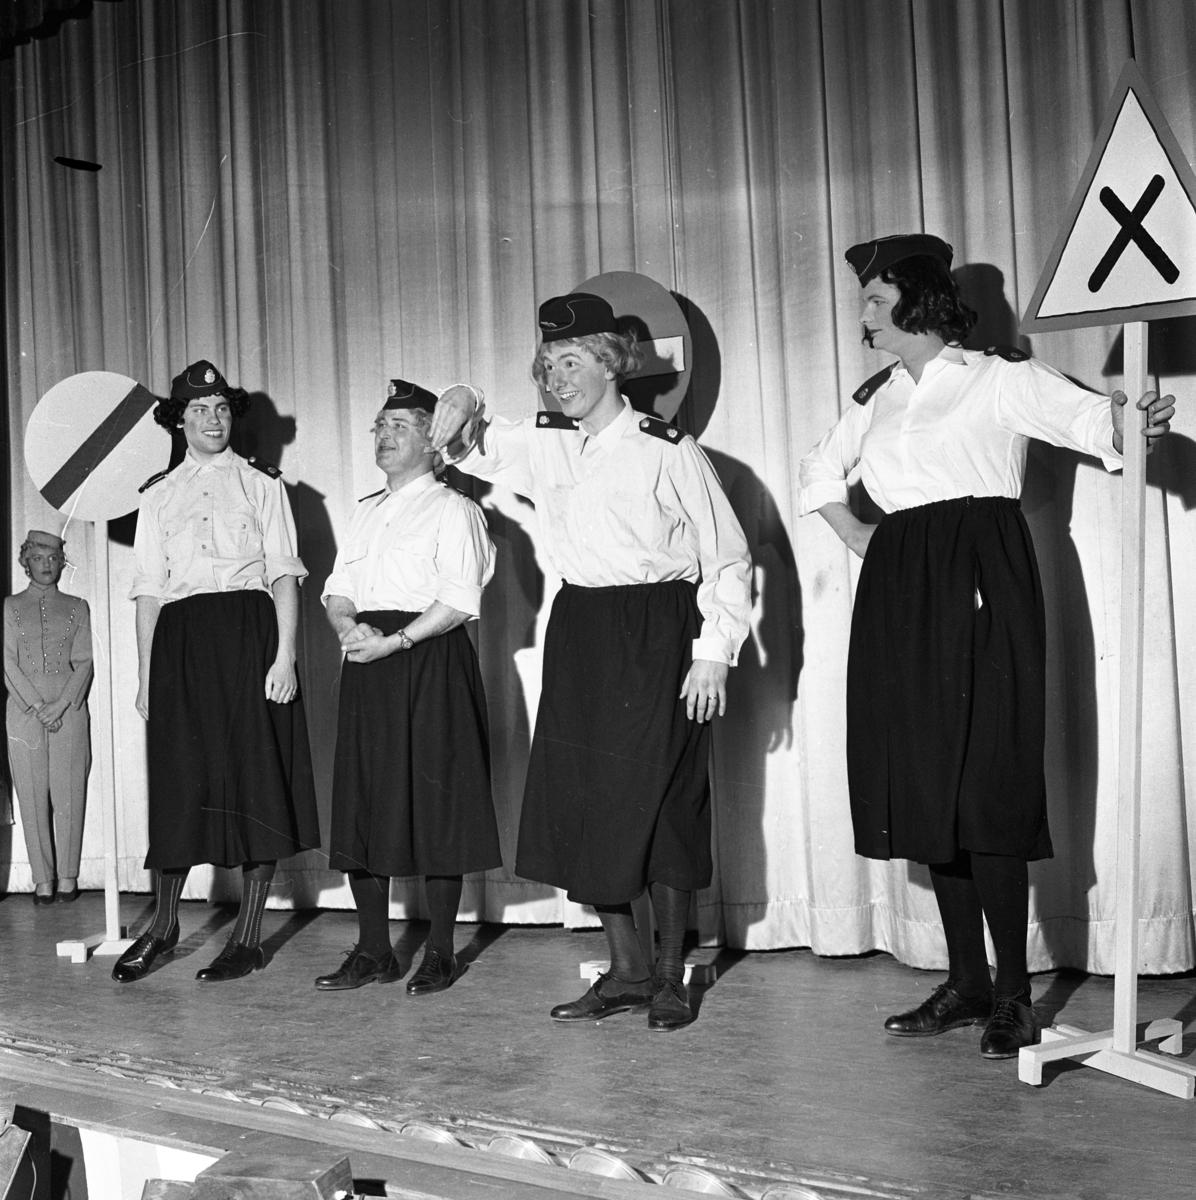 """Årets lokalrevy. En kvinna klädd som piccolo och fyra män utklädda till kvinnor. Från vänster: det kan vara Gullan Kästämä, Benkt Engstrand, Rune Andersson (""""Sotarn), Larz-Thure Ljungdahl och möjligen Mats Torstensson. Trafikmkärken på scenen."""